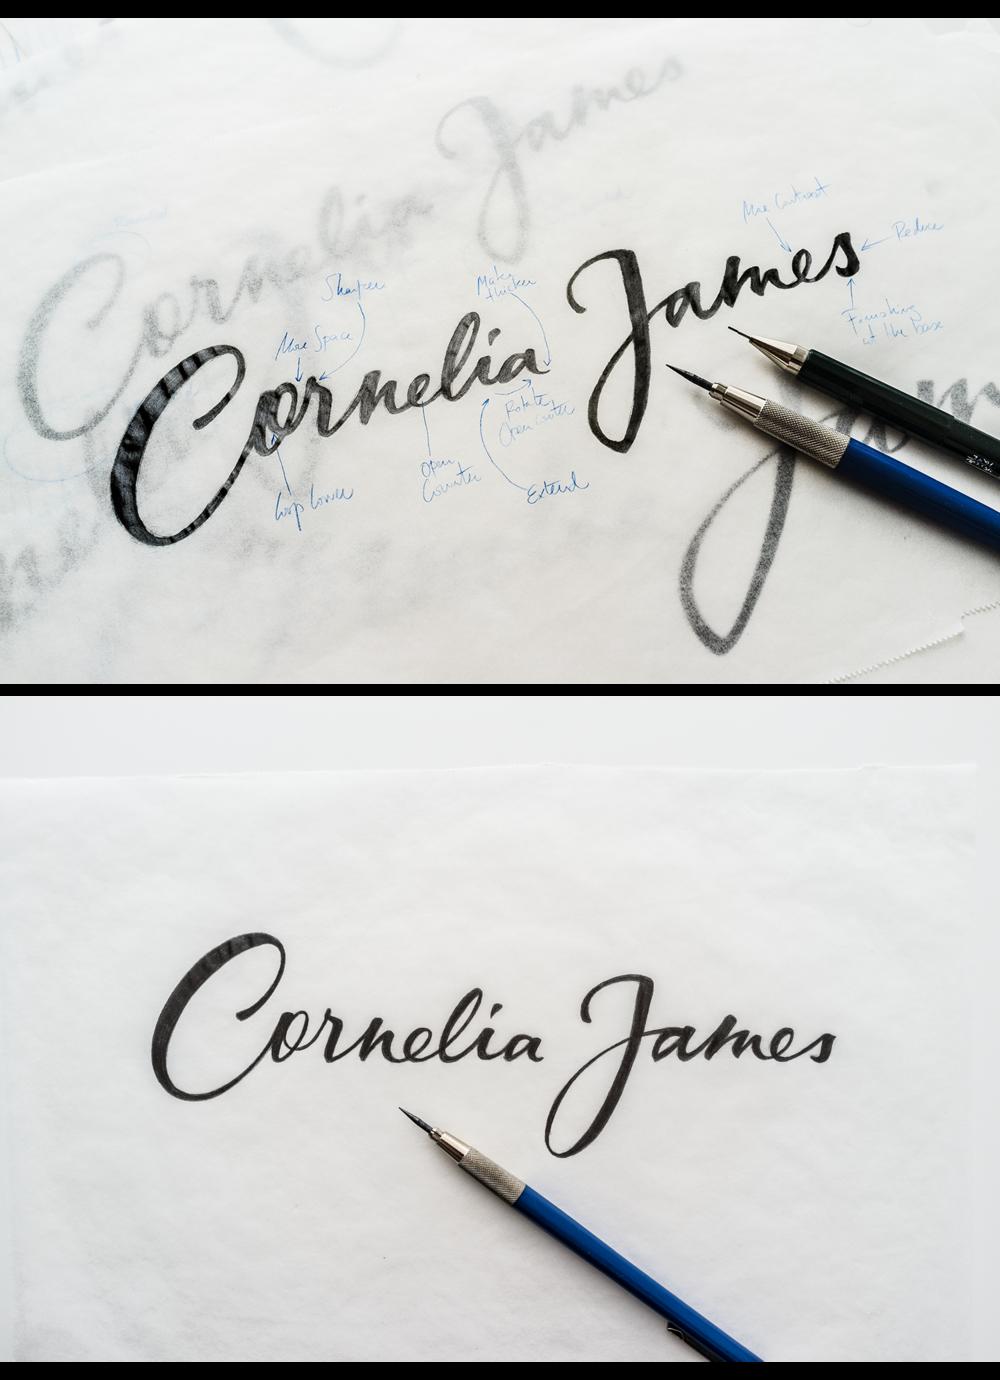 Cornelia-james-lettering-process.png